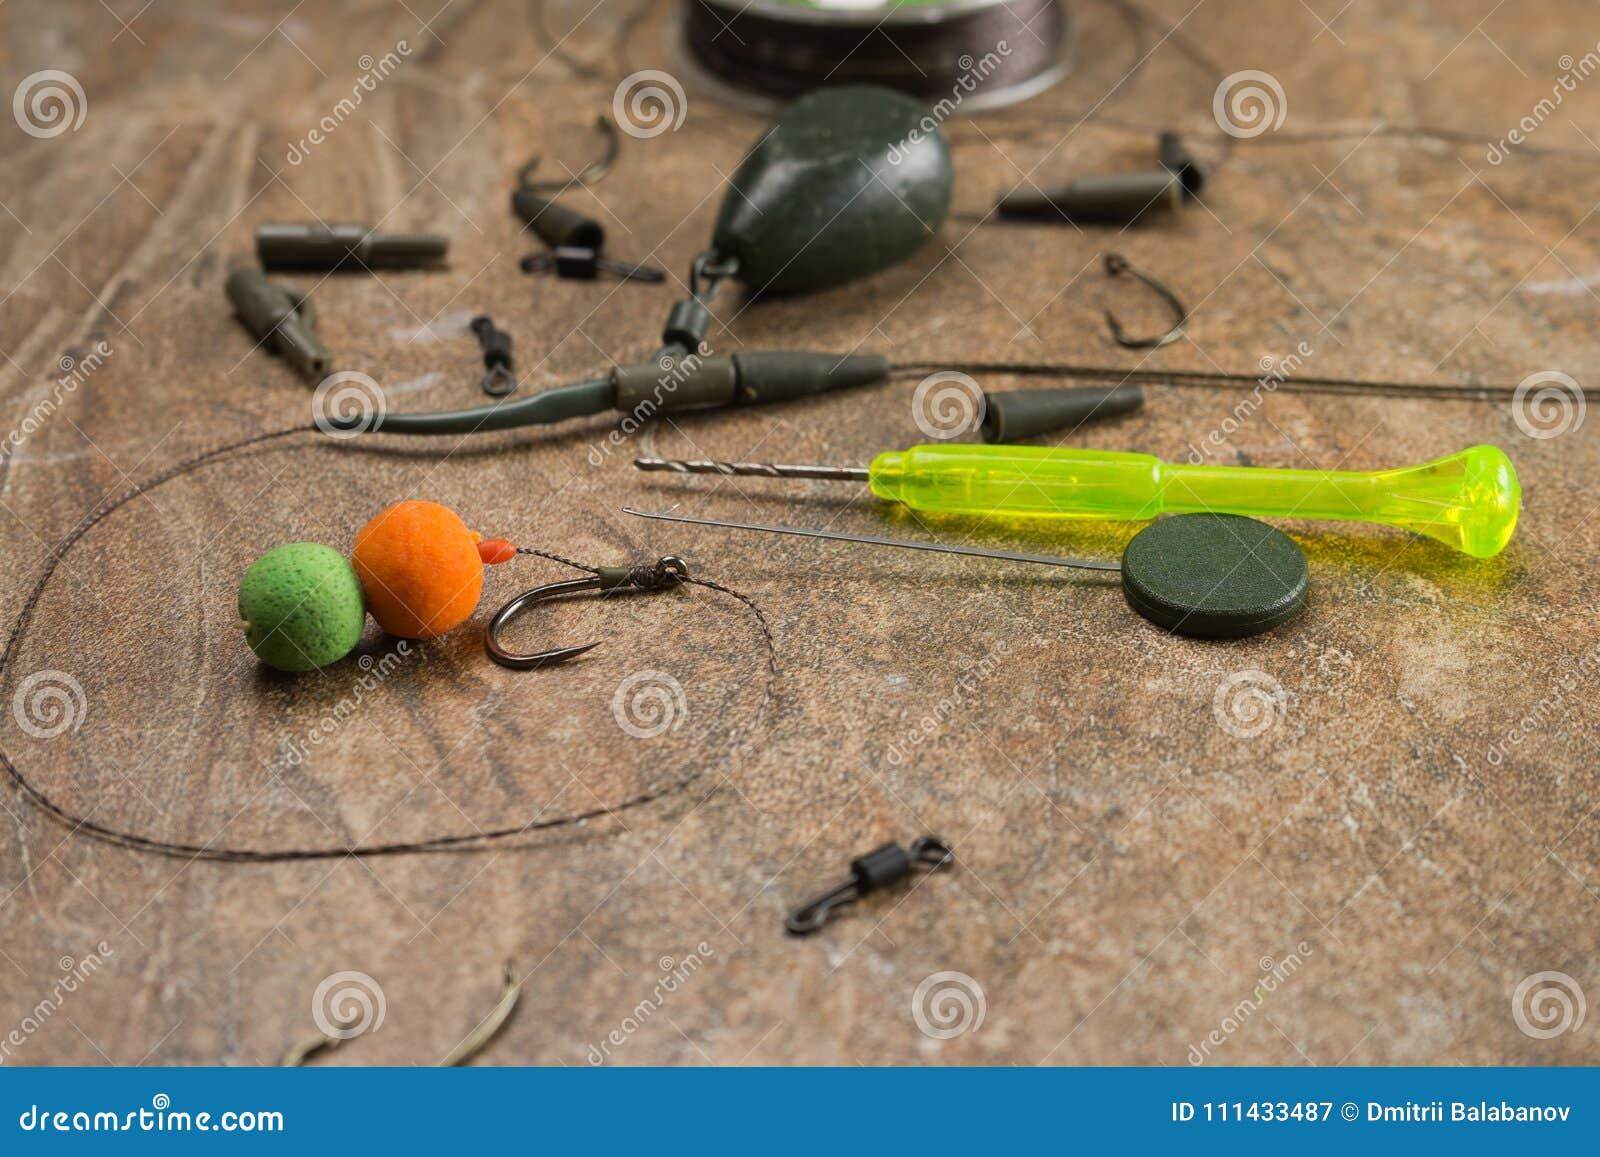 Τα δολώματα, γάντζοι, sinkers, ledcor προετοιμάζονται για την αλιεία κυπρίνων Κόλλα αντιγράφων